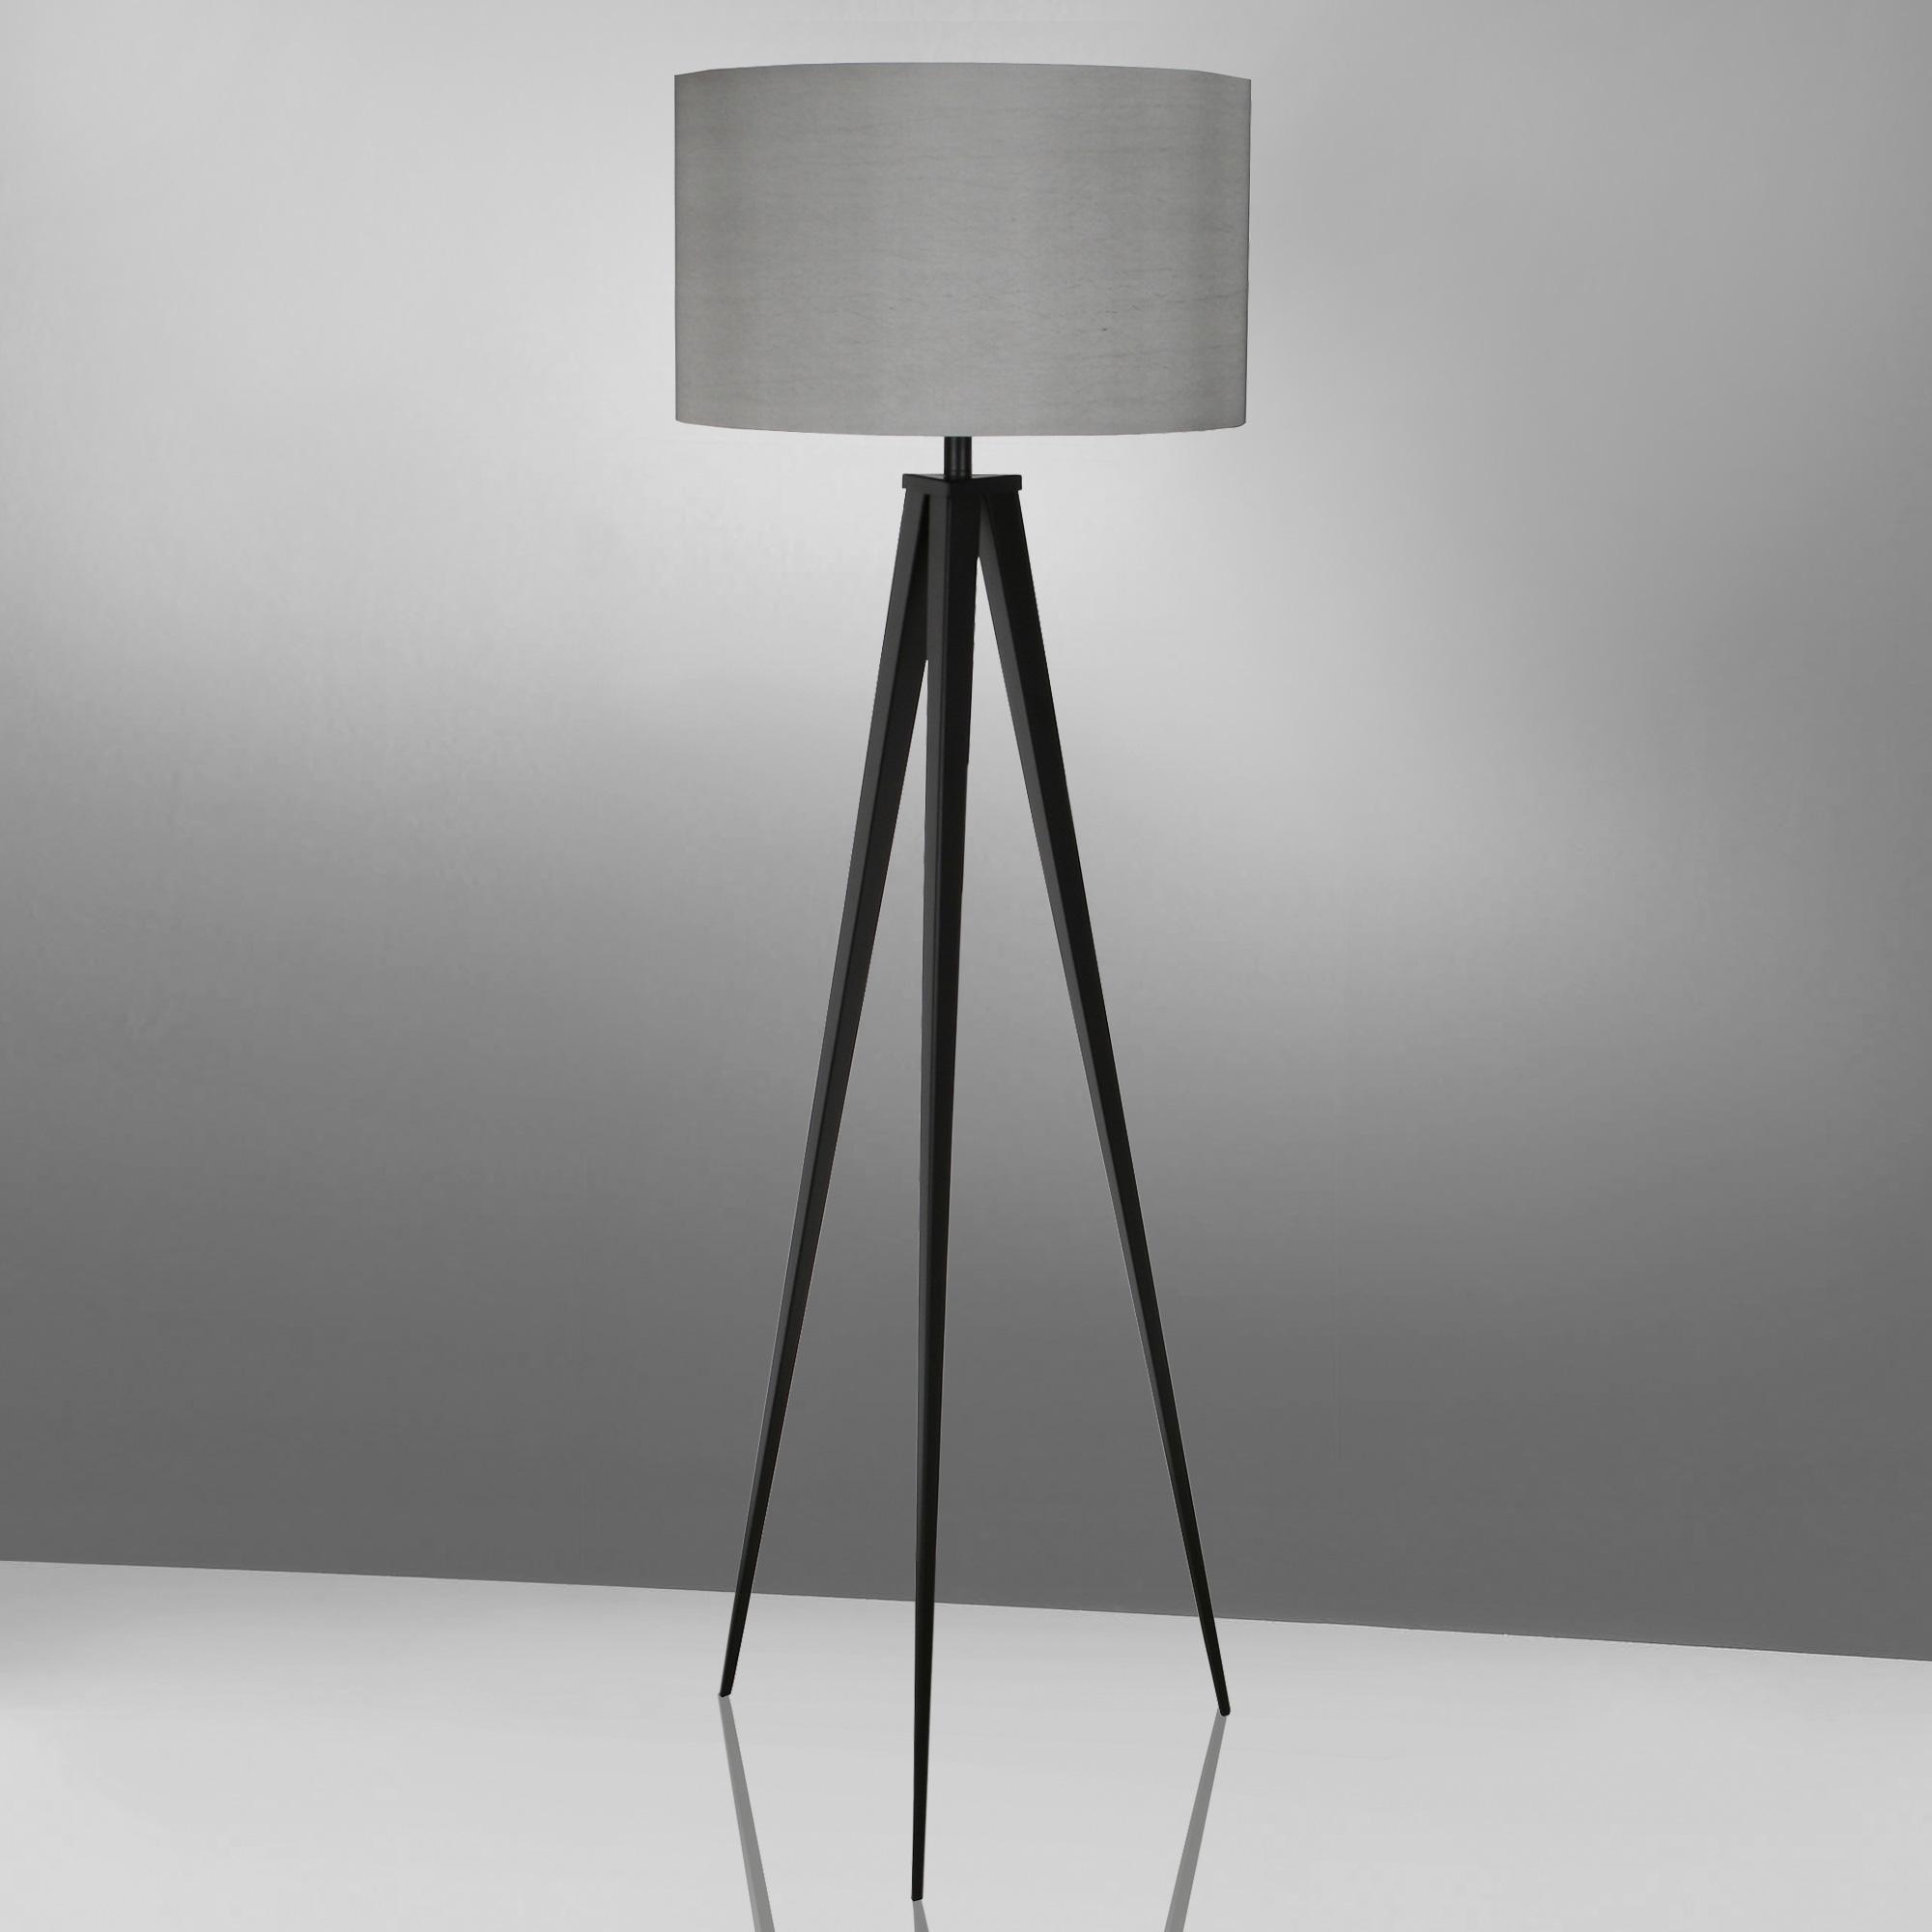 zuiver tripod stehleuchte 5000800 reuter onlineshop. Black Bedroom Furniture Sets. Home Design Ideas